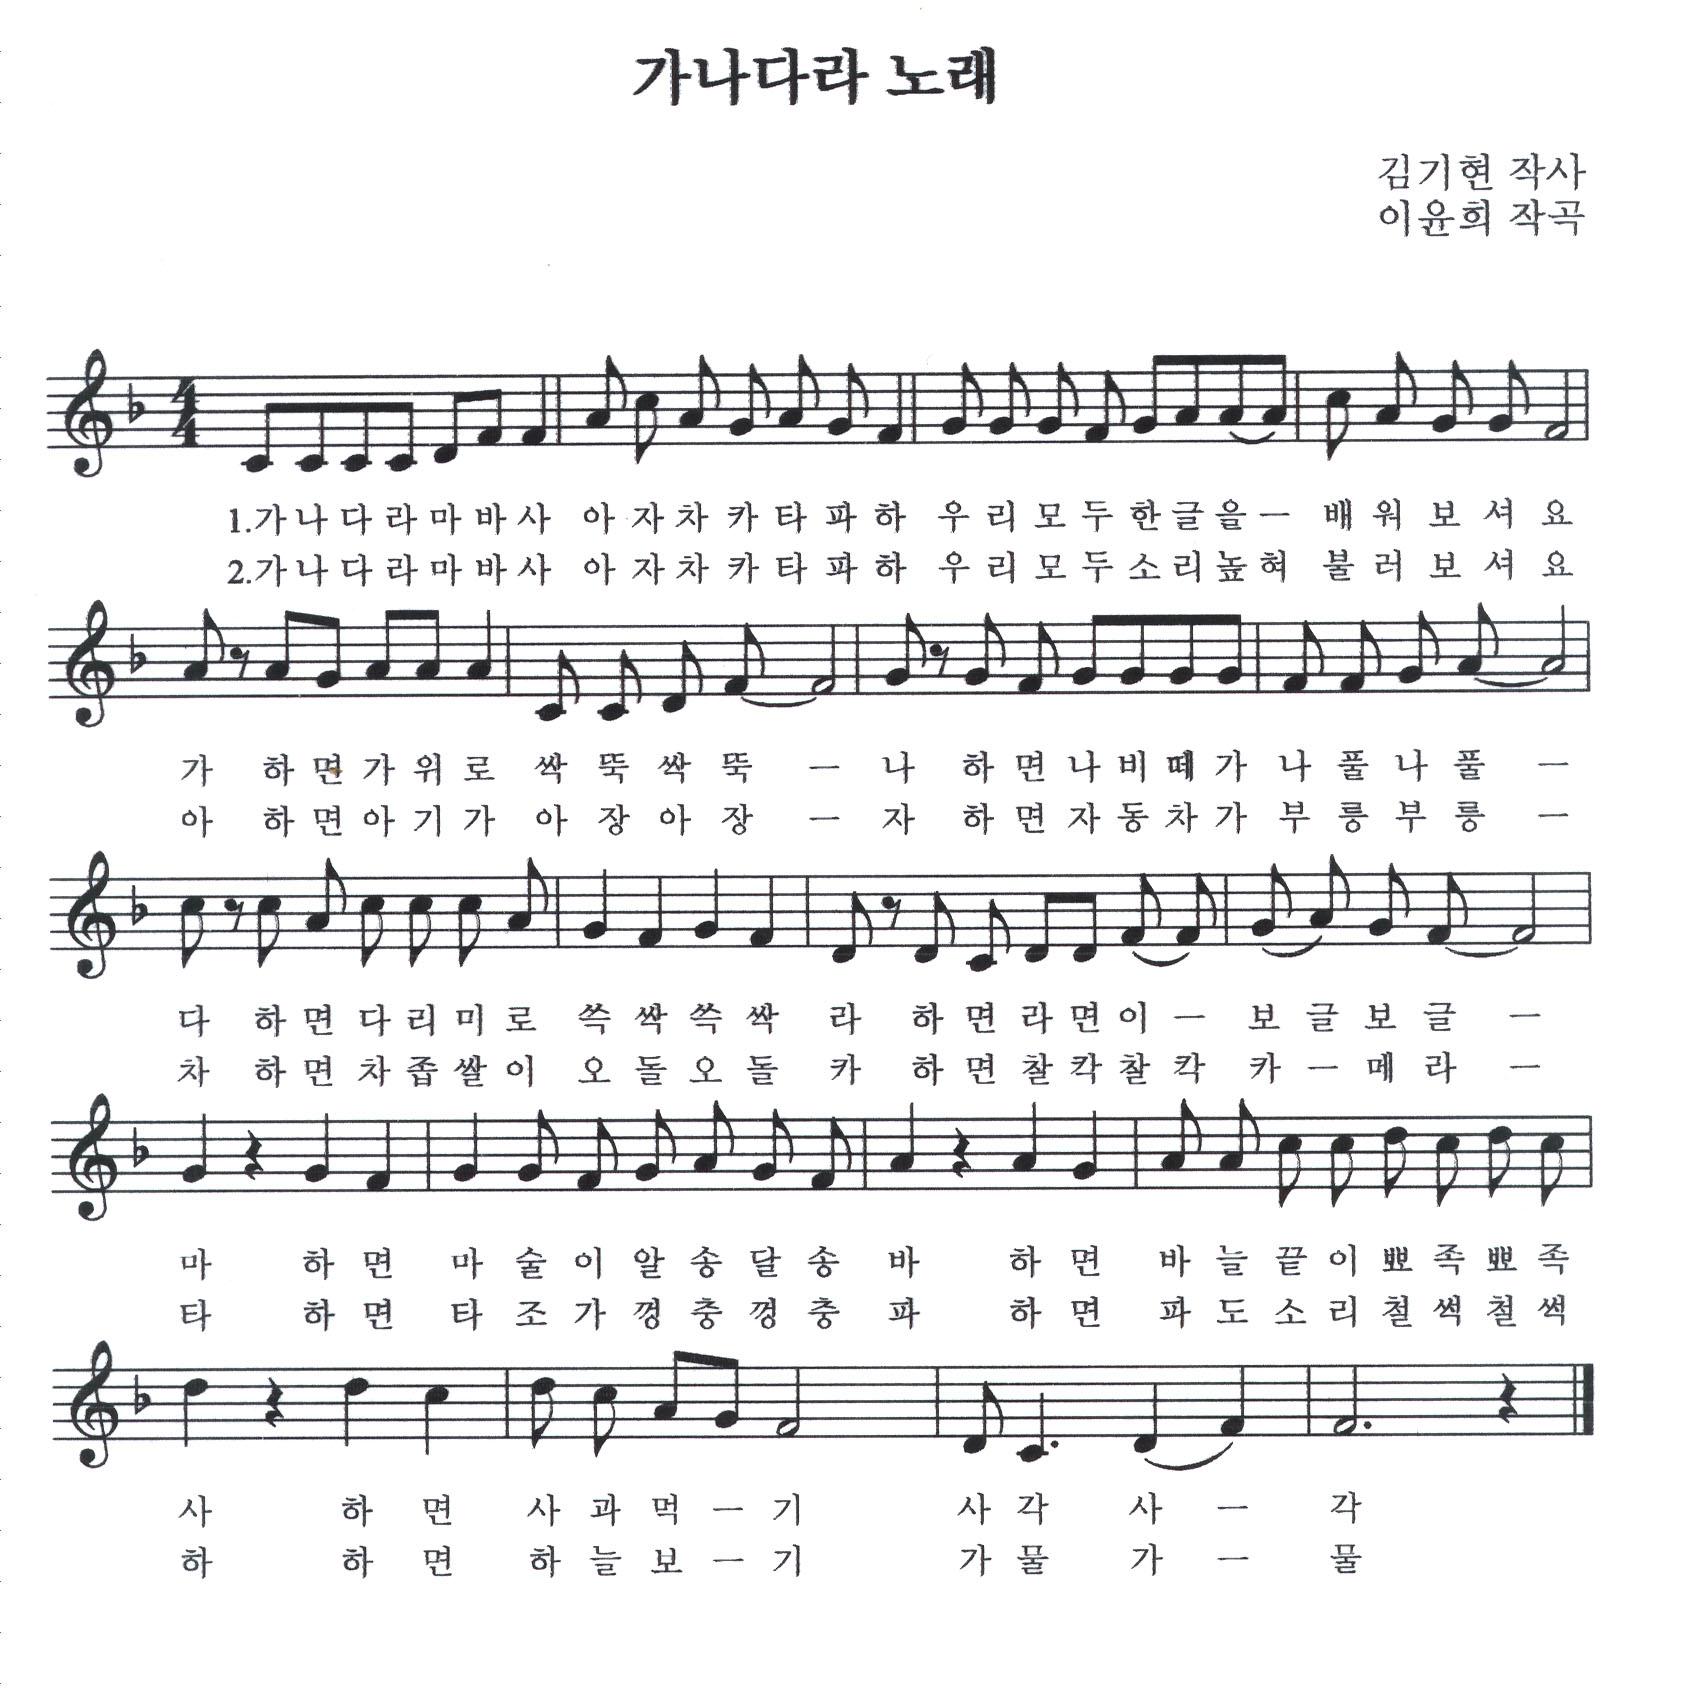 哪里可以下韩语字母歌的mp3 或者mp4